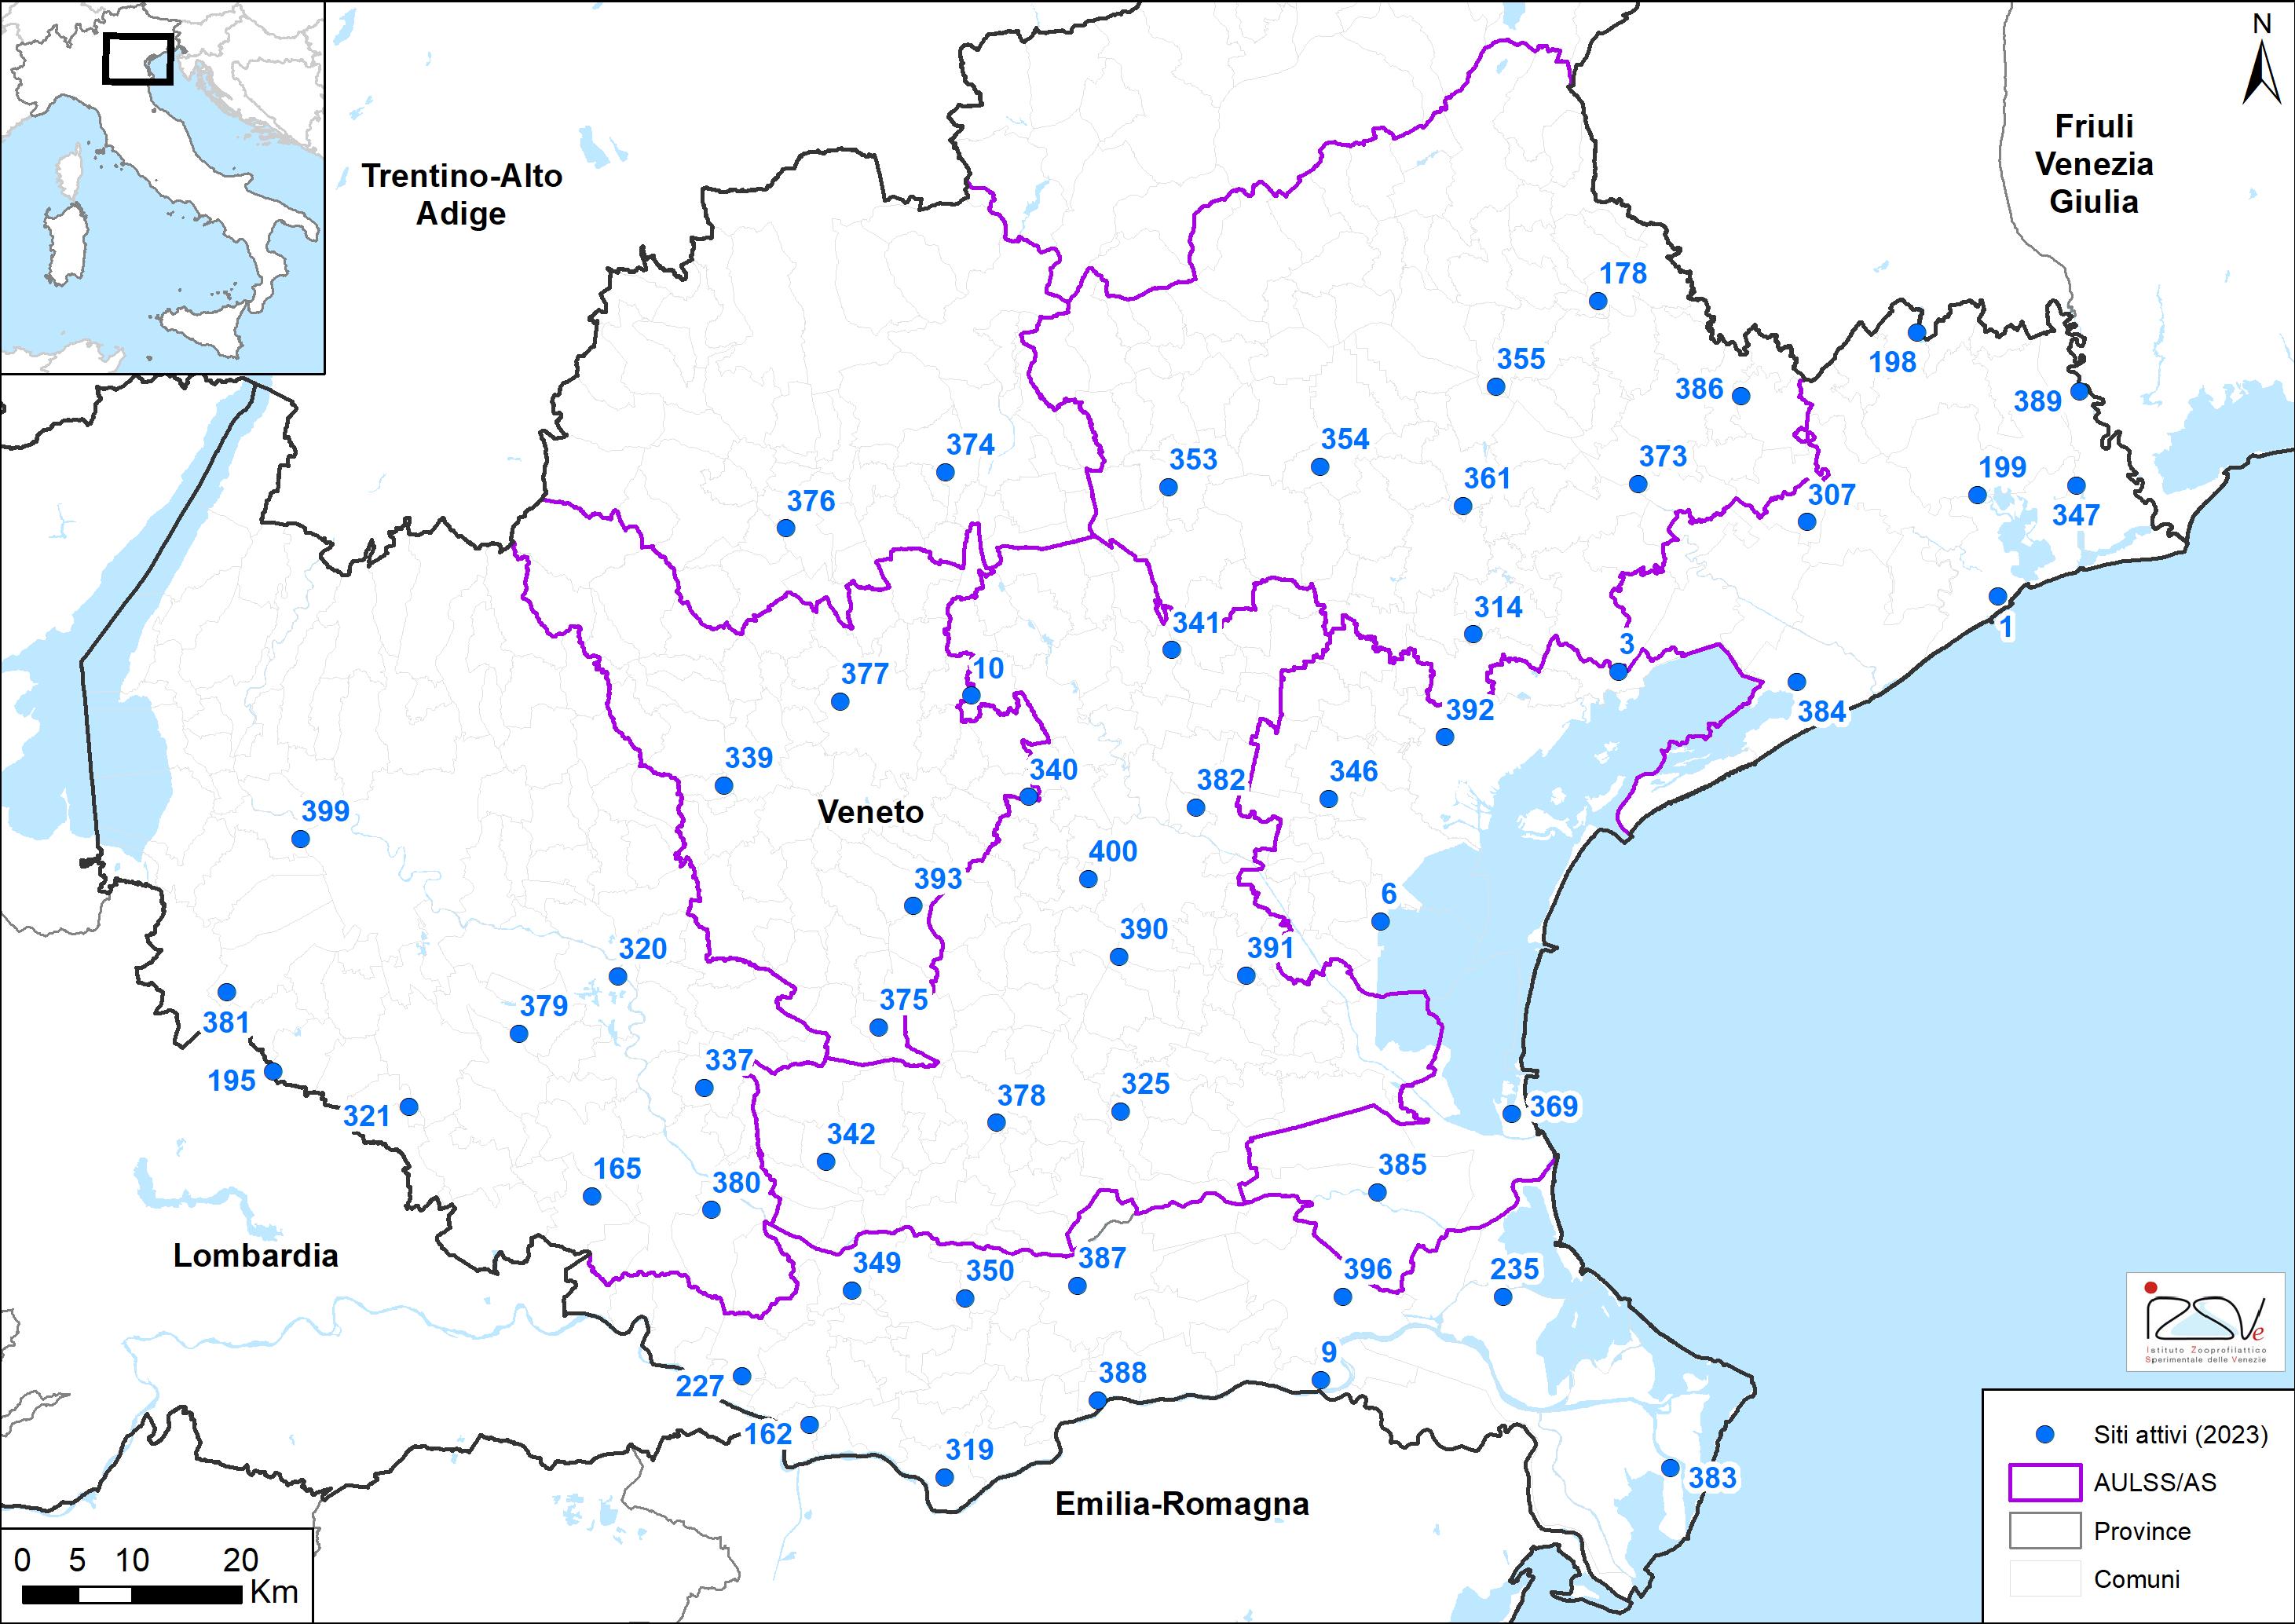 Mappa trappole per sorveglianza entomologica in Veneto